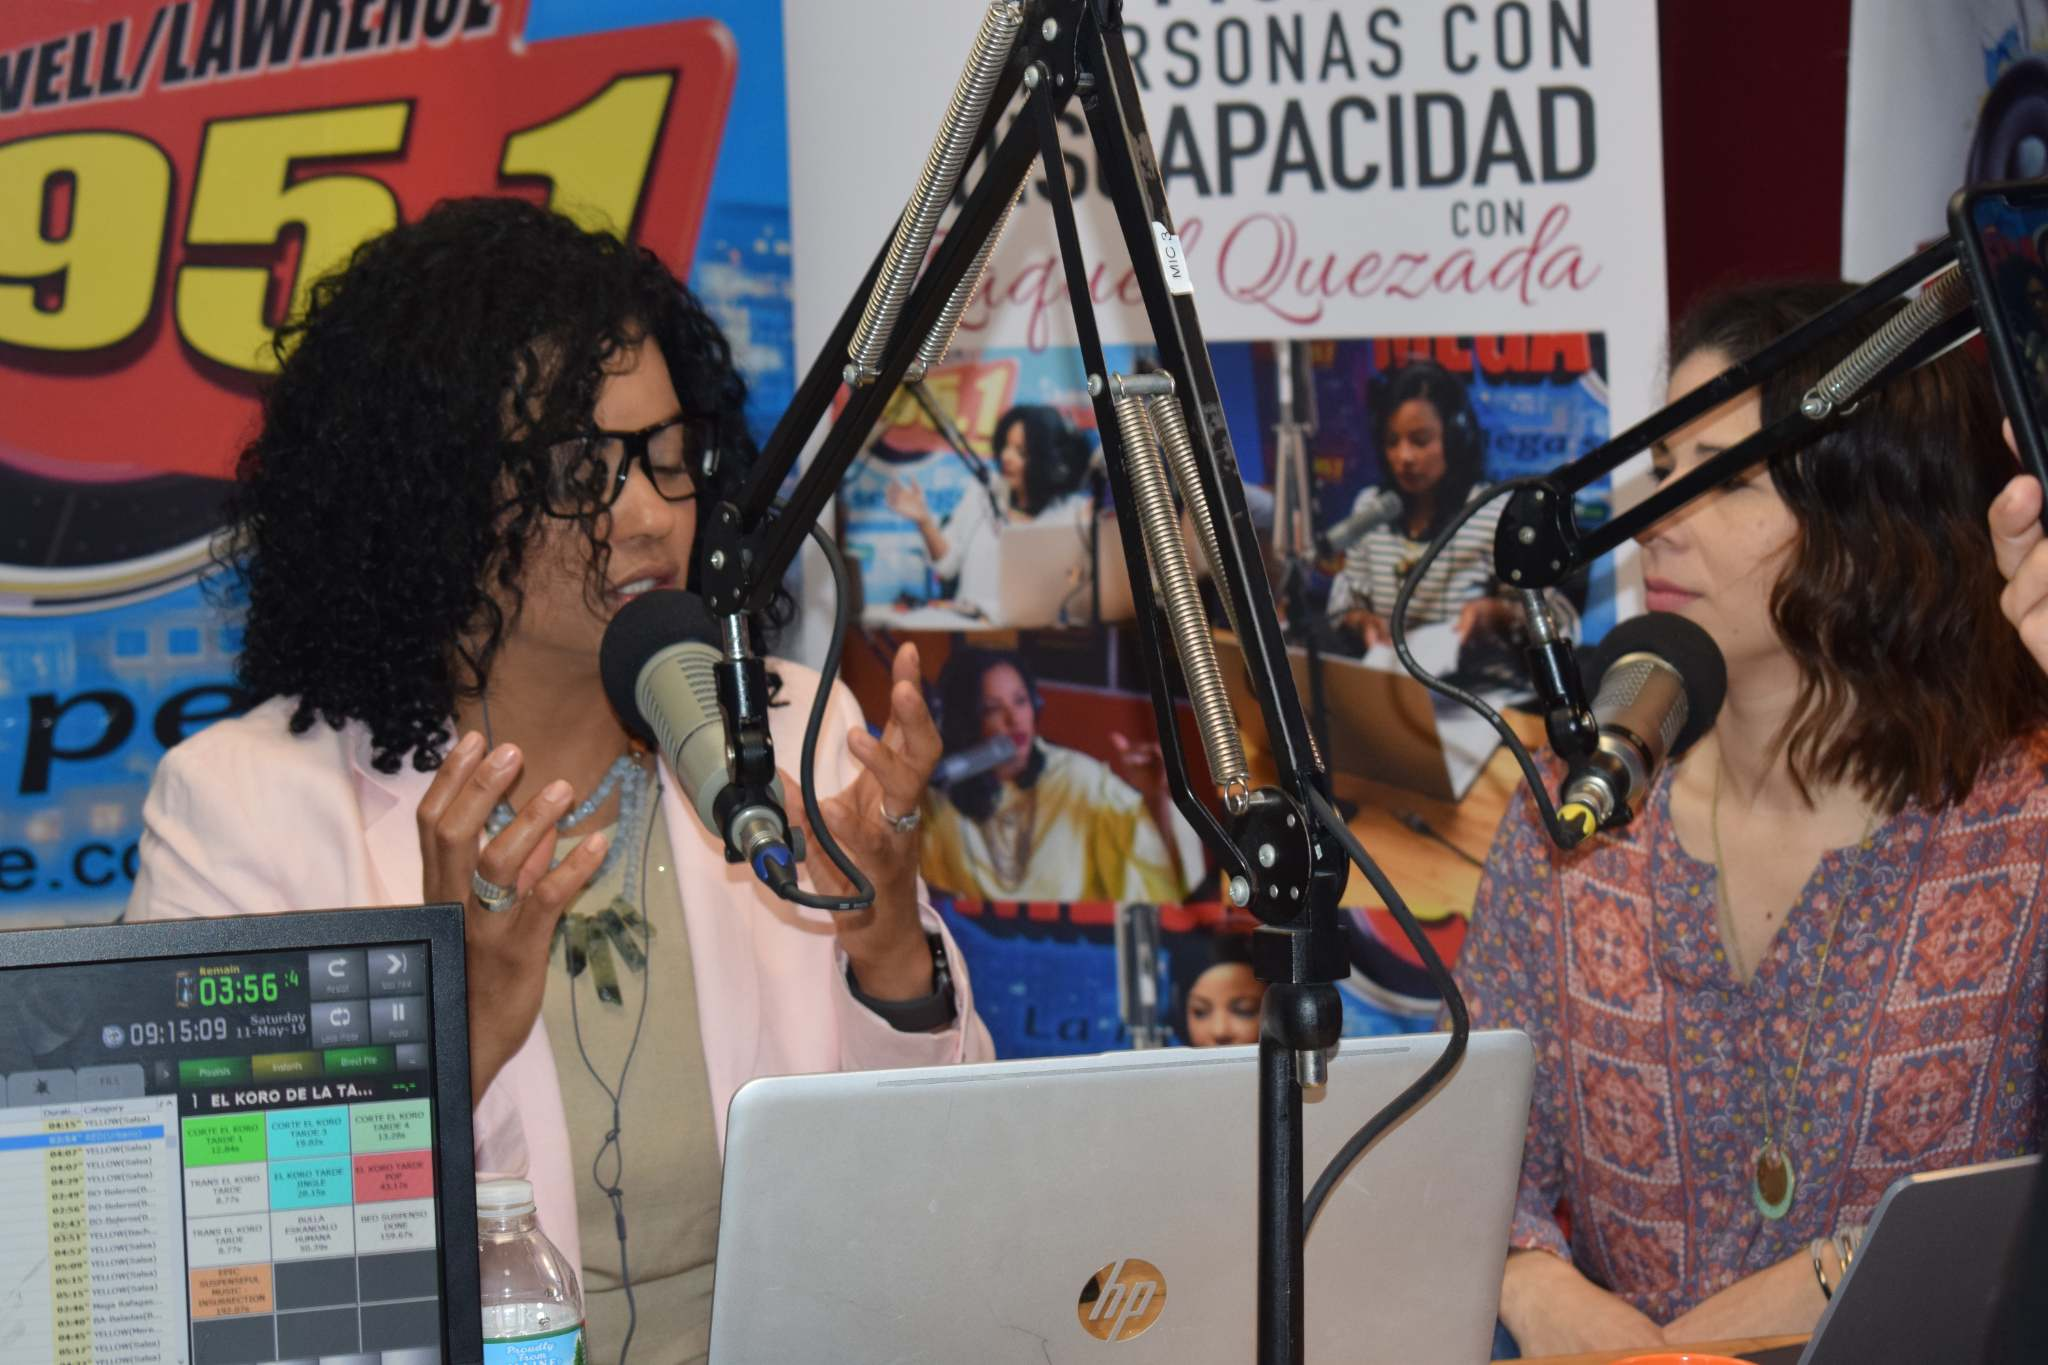 With Raquel Quezada host of Cambiando el Mundo de Personas con Discapacidades Radio Show (LA MEGA, 95.1FM and 1400AM).